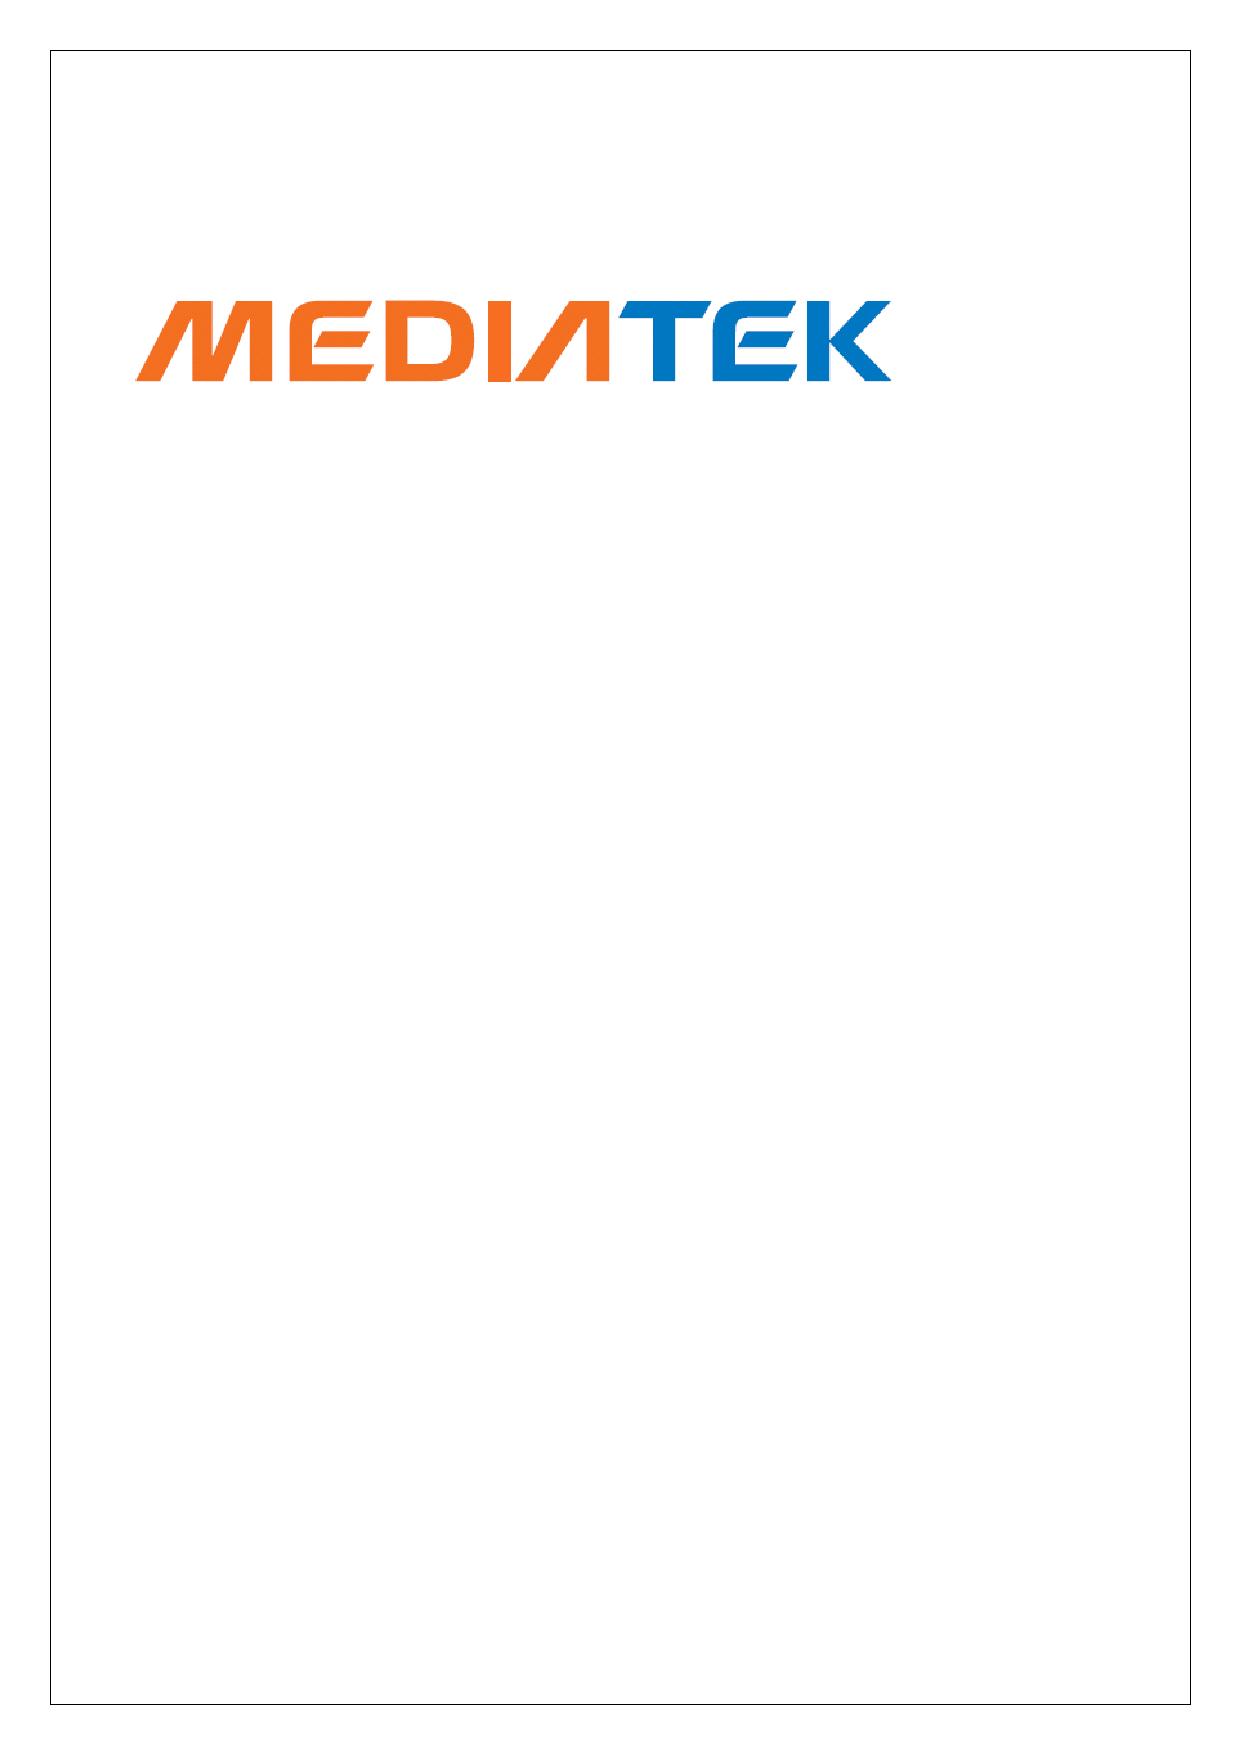 MT6573 datasheet, circuit